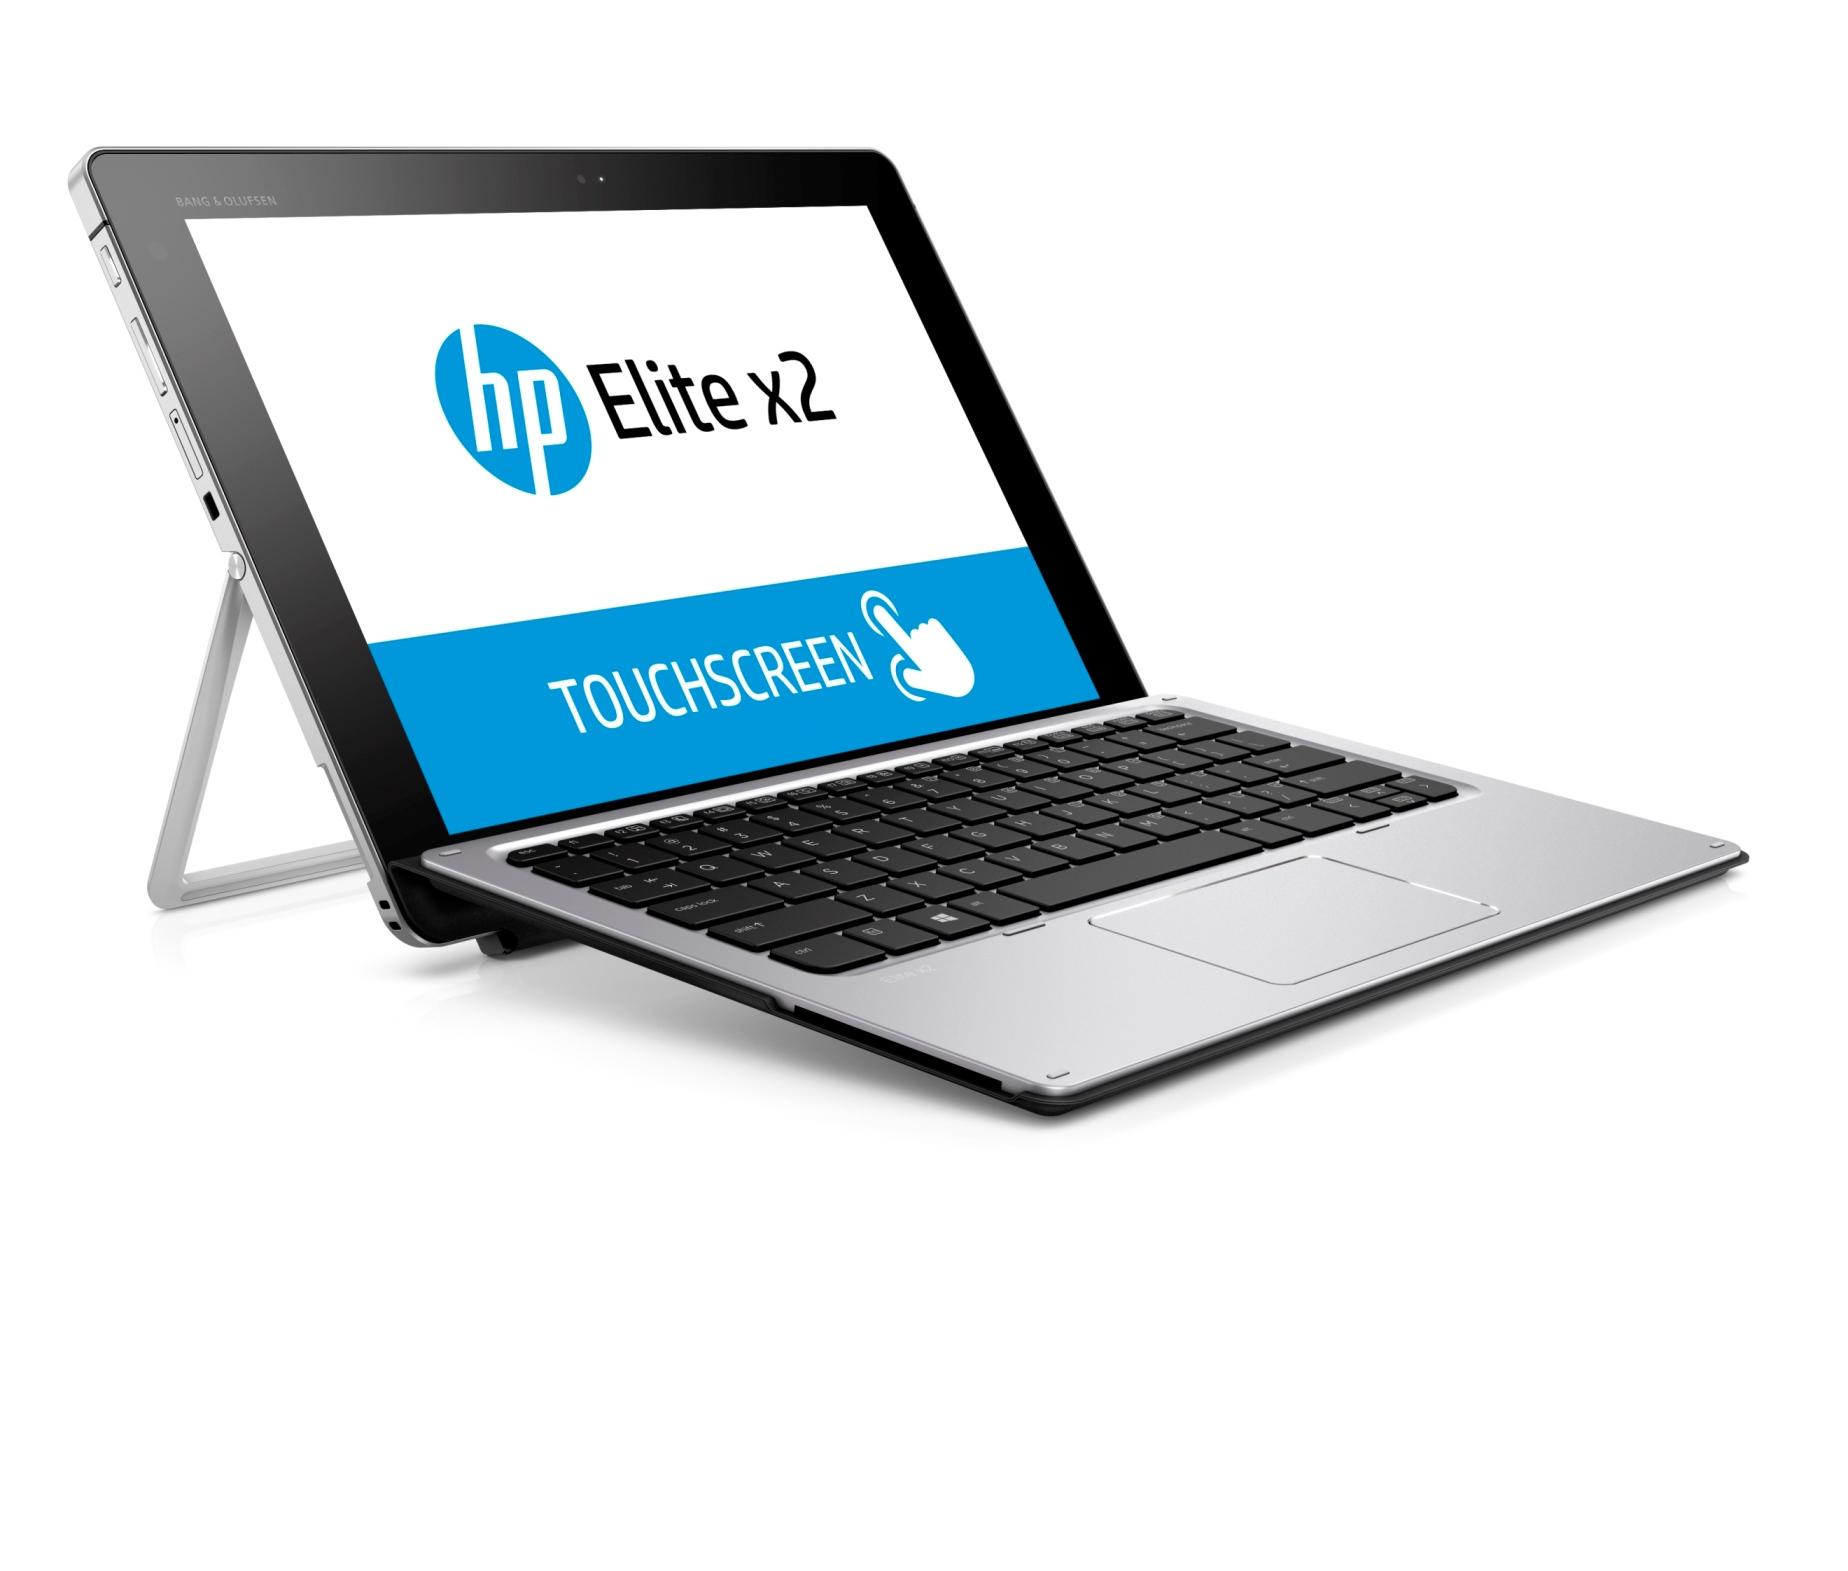 HP Elite x2 1012 (4)